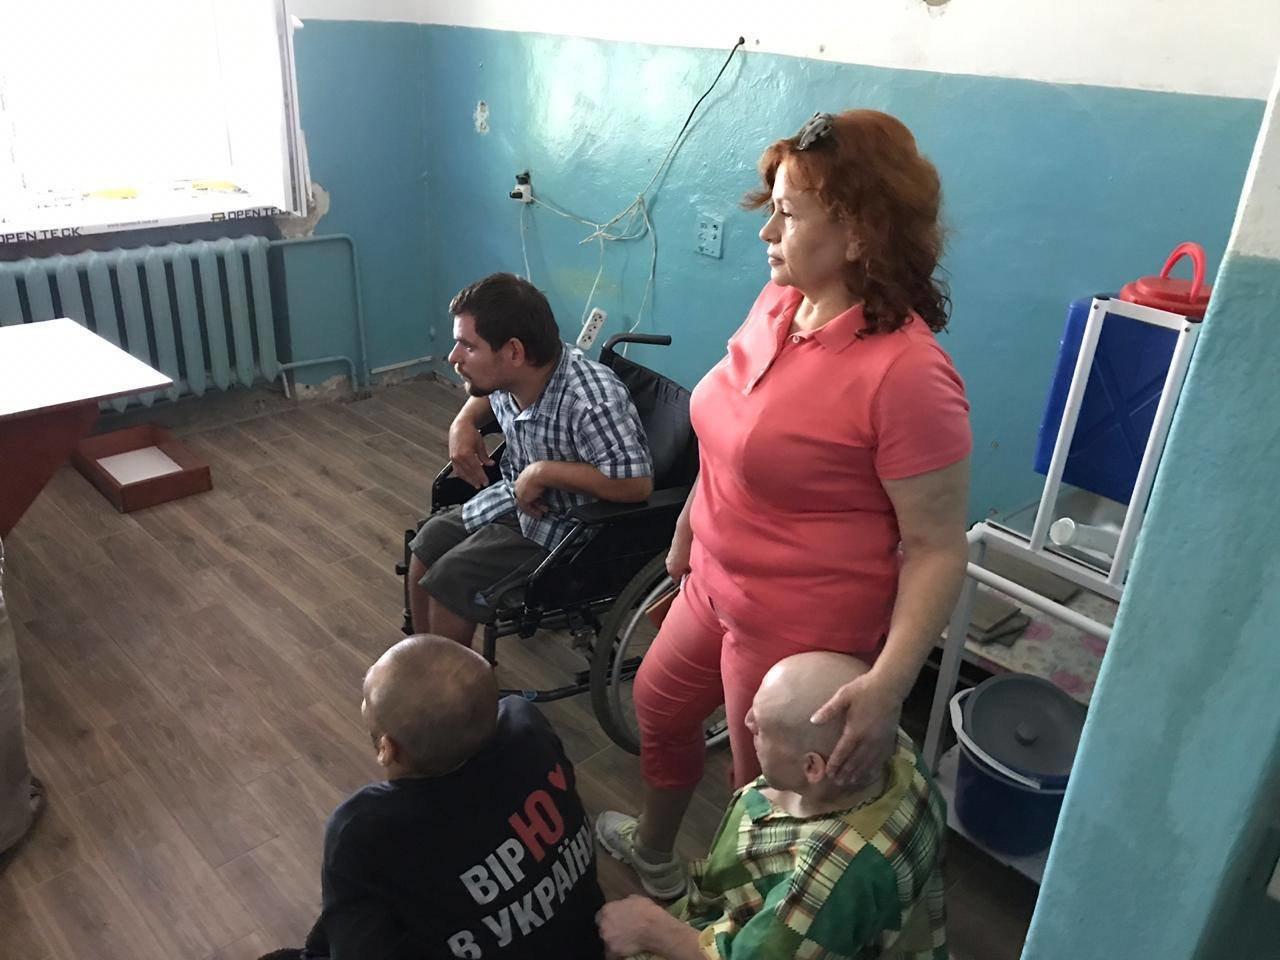 Волонтеры и благотворители Кривого Рога: почему они это делают и где берут силы?, - ФОТО, фото-15